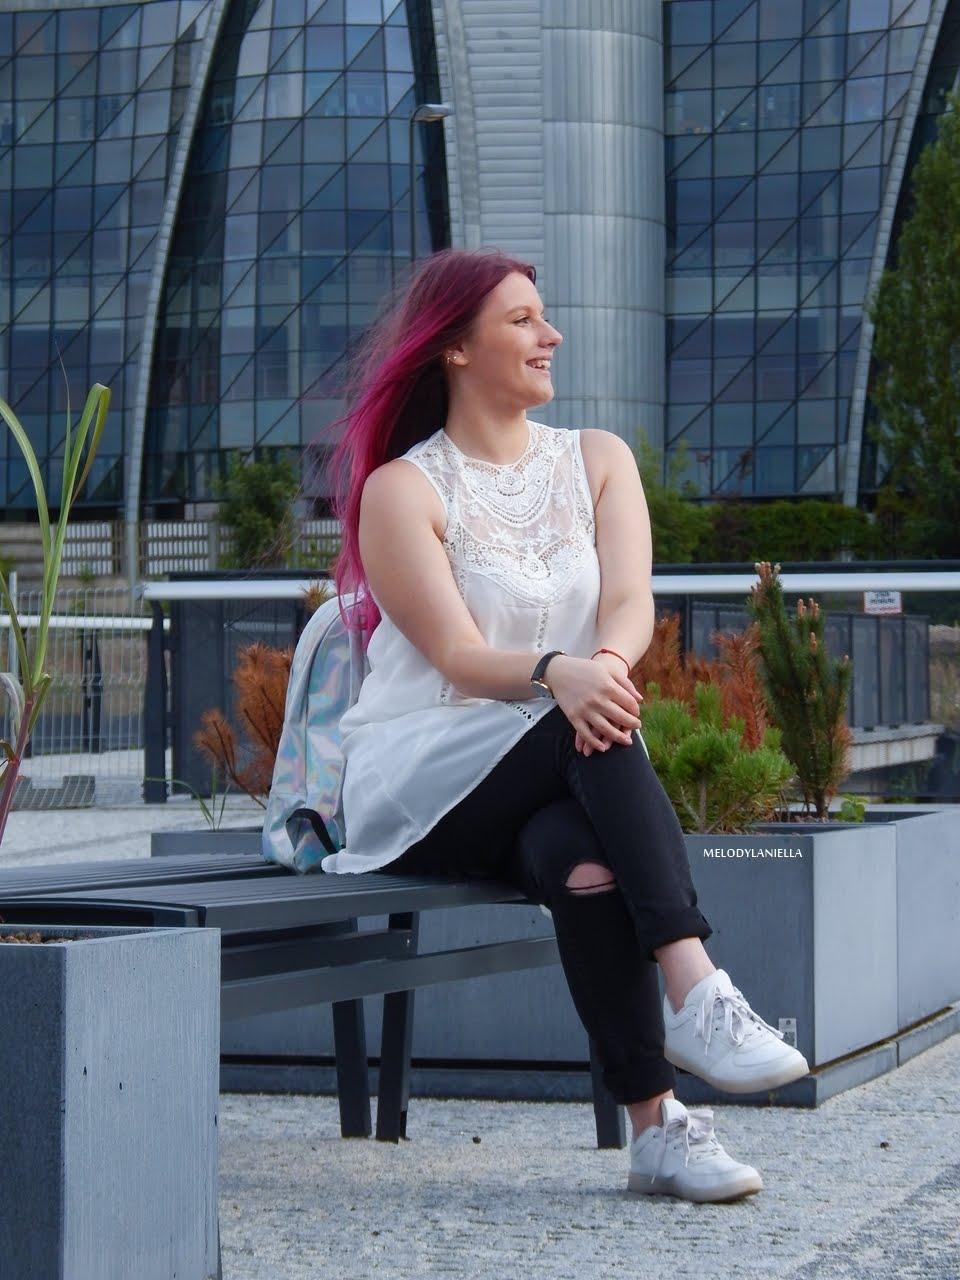 16 holograficzny plecak betterlook.pl farby venita różowe włosy jak pofarbować włosy kolorowe włosy ombre pink hair paul rich watches zegarek czarne jeansy z dziurami modna polka lookbook